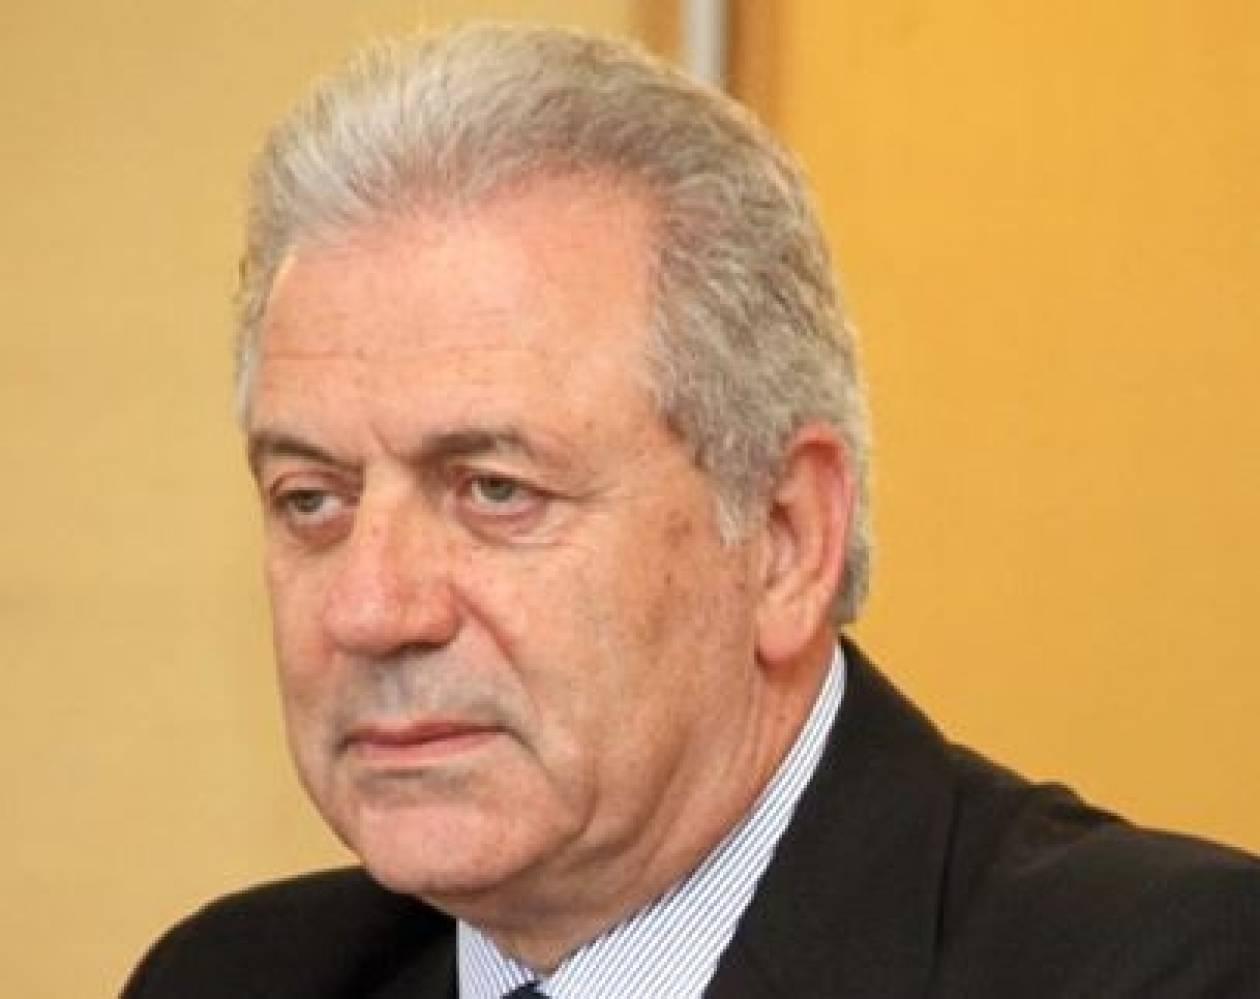 Ολοκληρώθηκε η επίσκεψη Αβραμόπουλου στη Μολδαβία